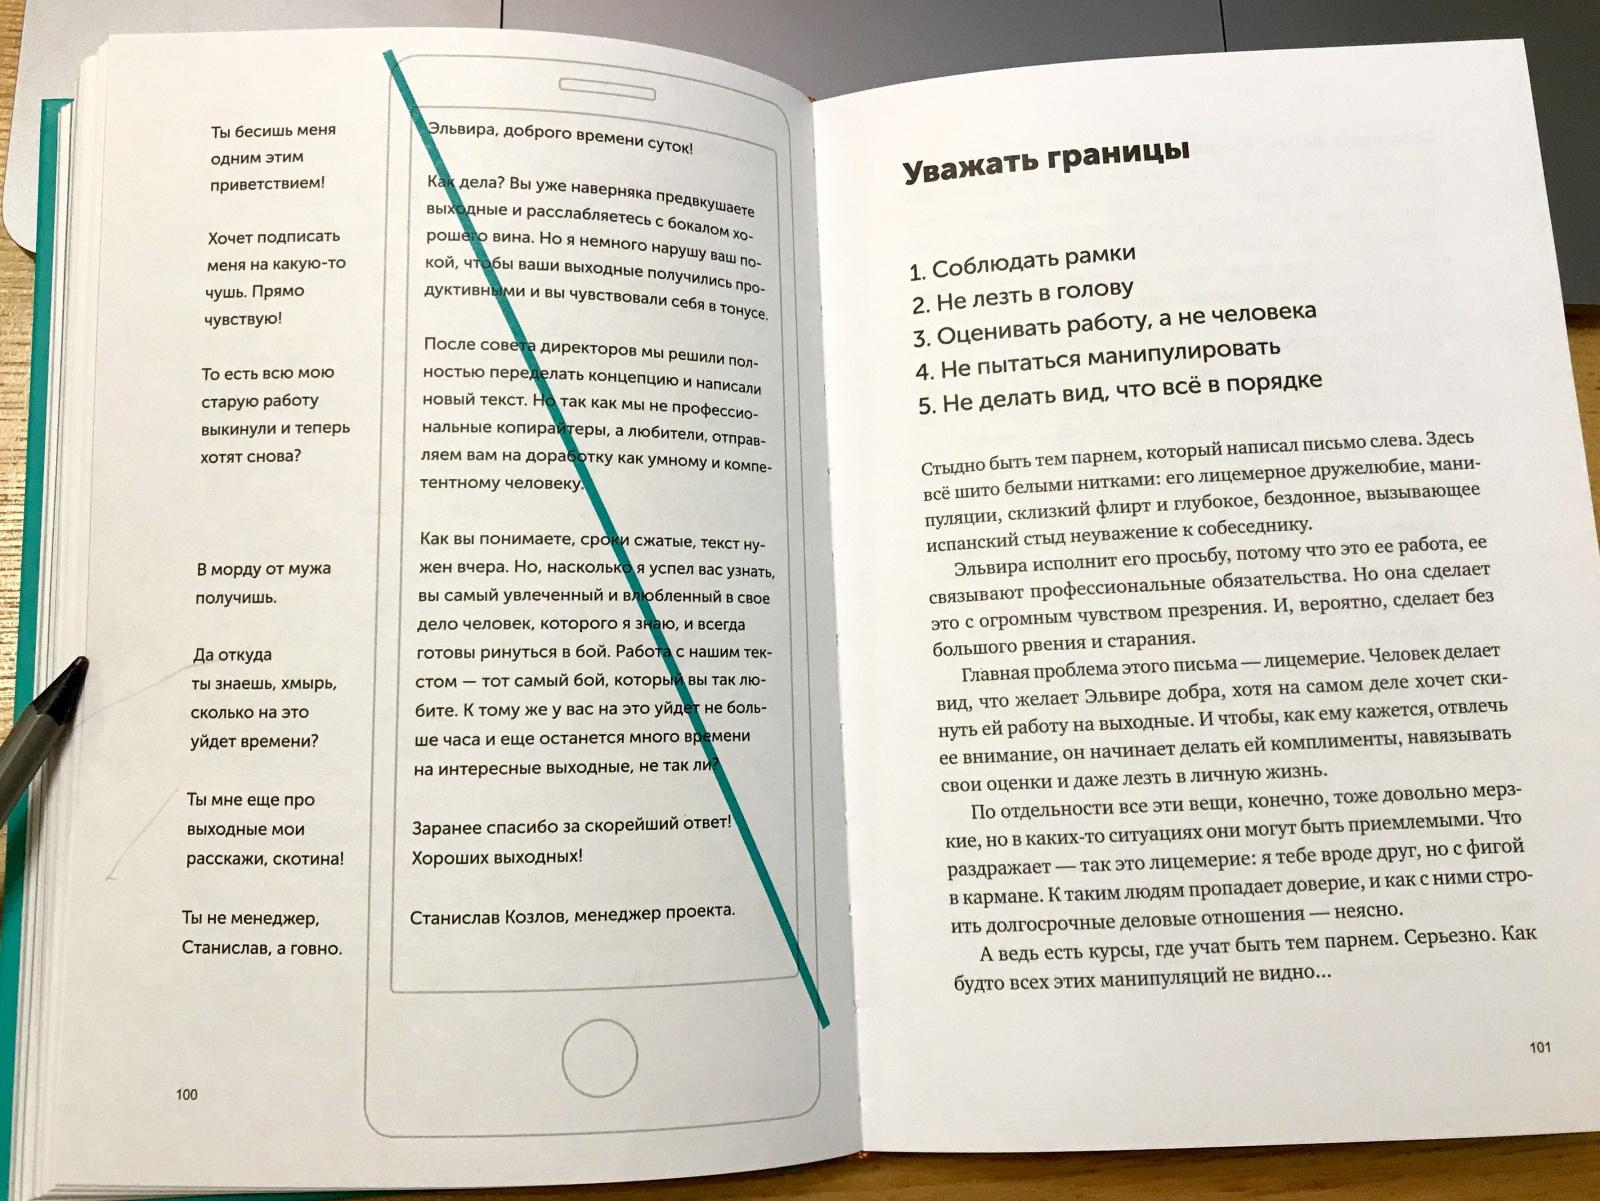 Новые правила деловой переписки. Мнение о новой книге Максима Ильяхова и Людмилы Сарычевой - 2